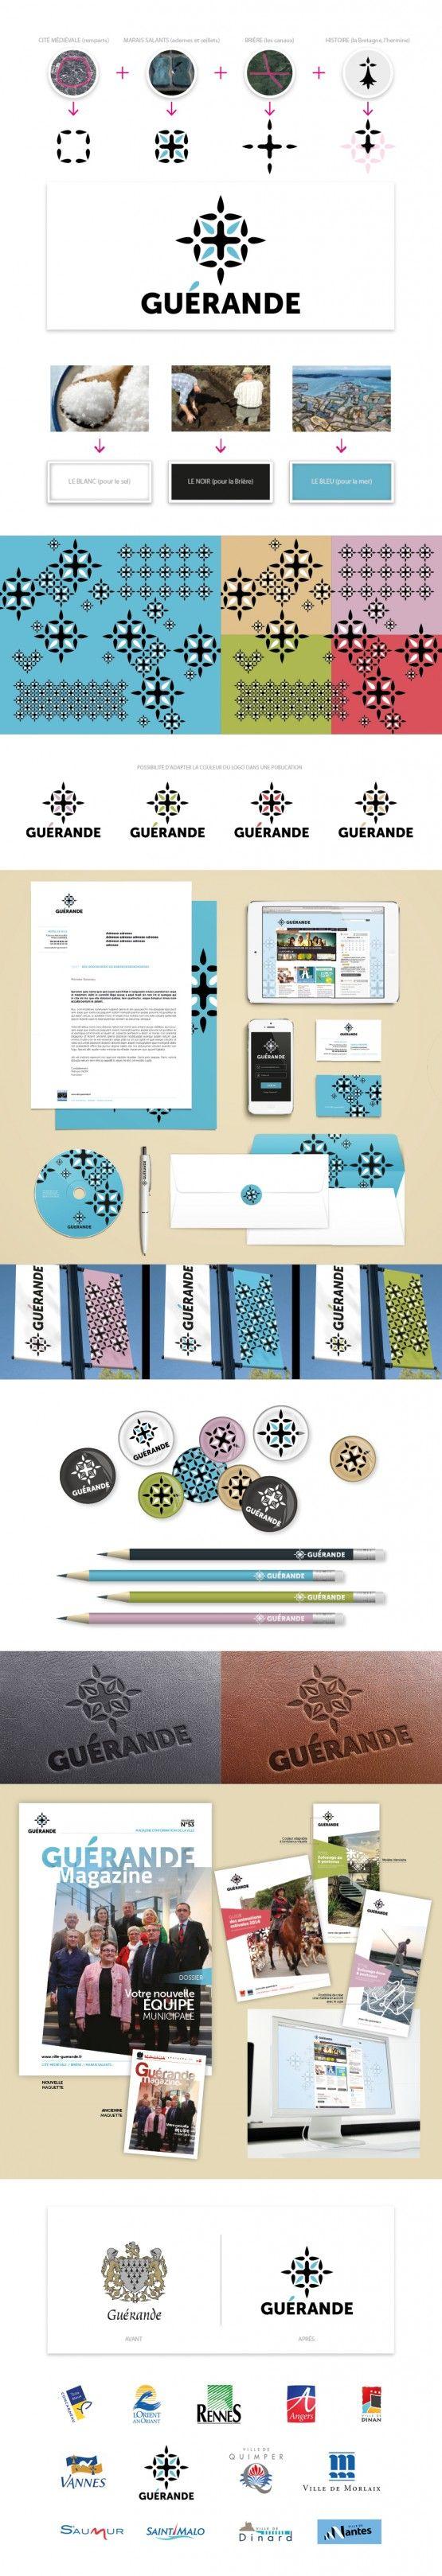 MOSWO | le public | Guérande | Identité | projet | com publique | logo | ville | marque | tourisme